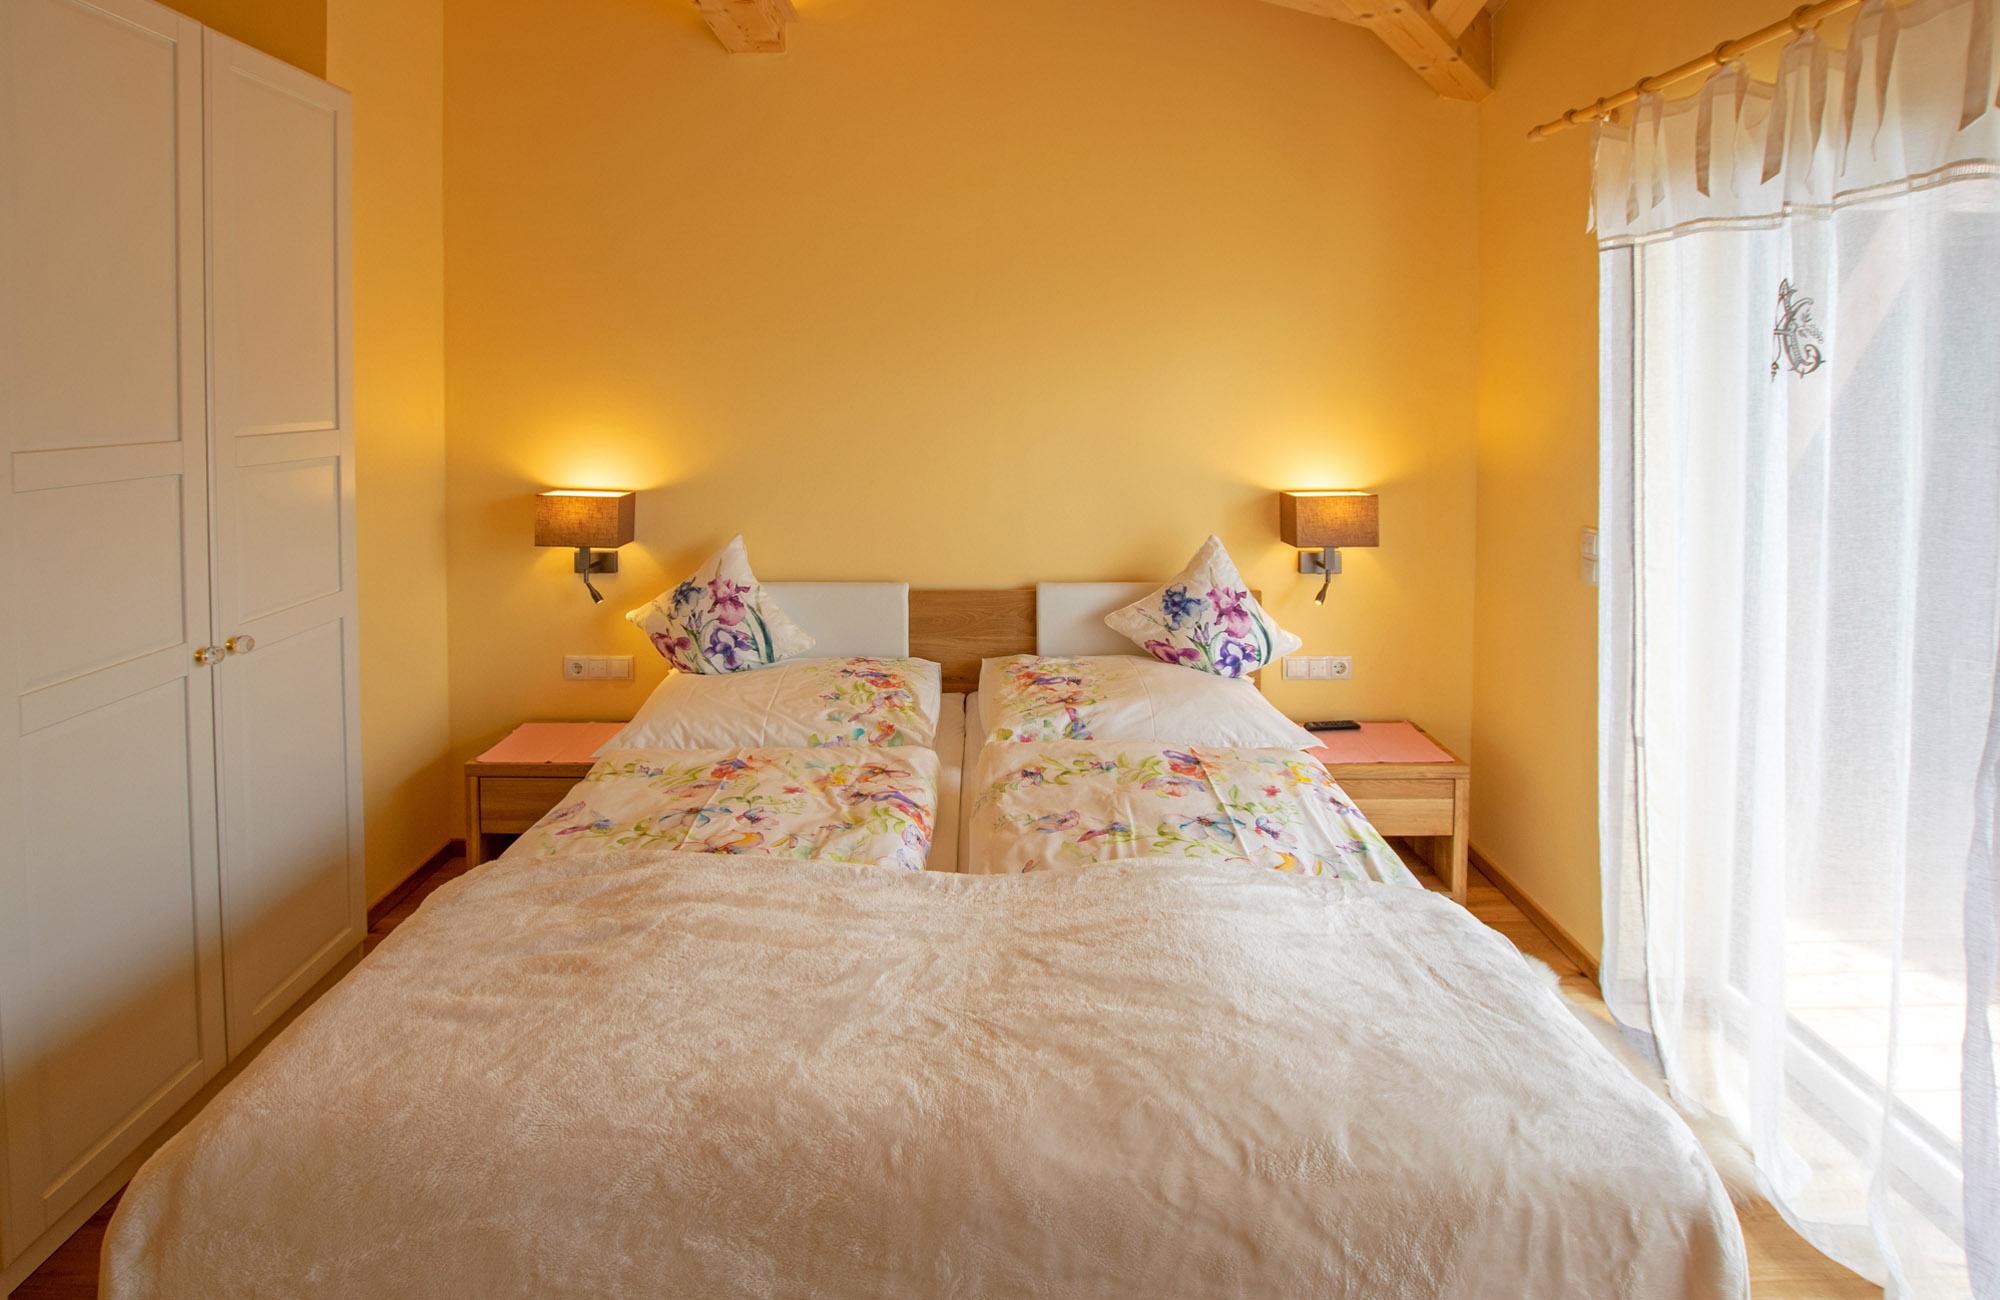 Luxus Penthouse Ferienwohnung mit Ausblick zum Wilder Kaiser 15